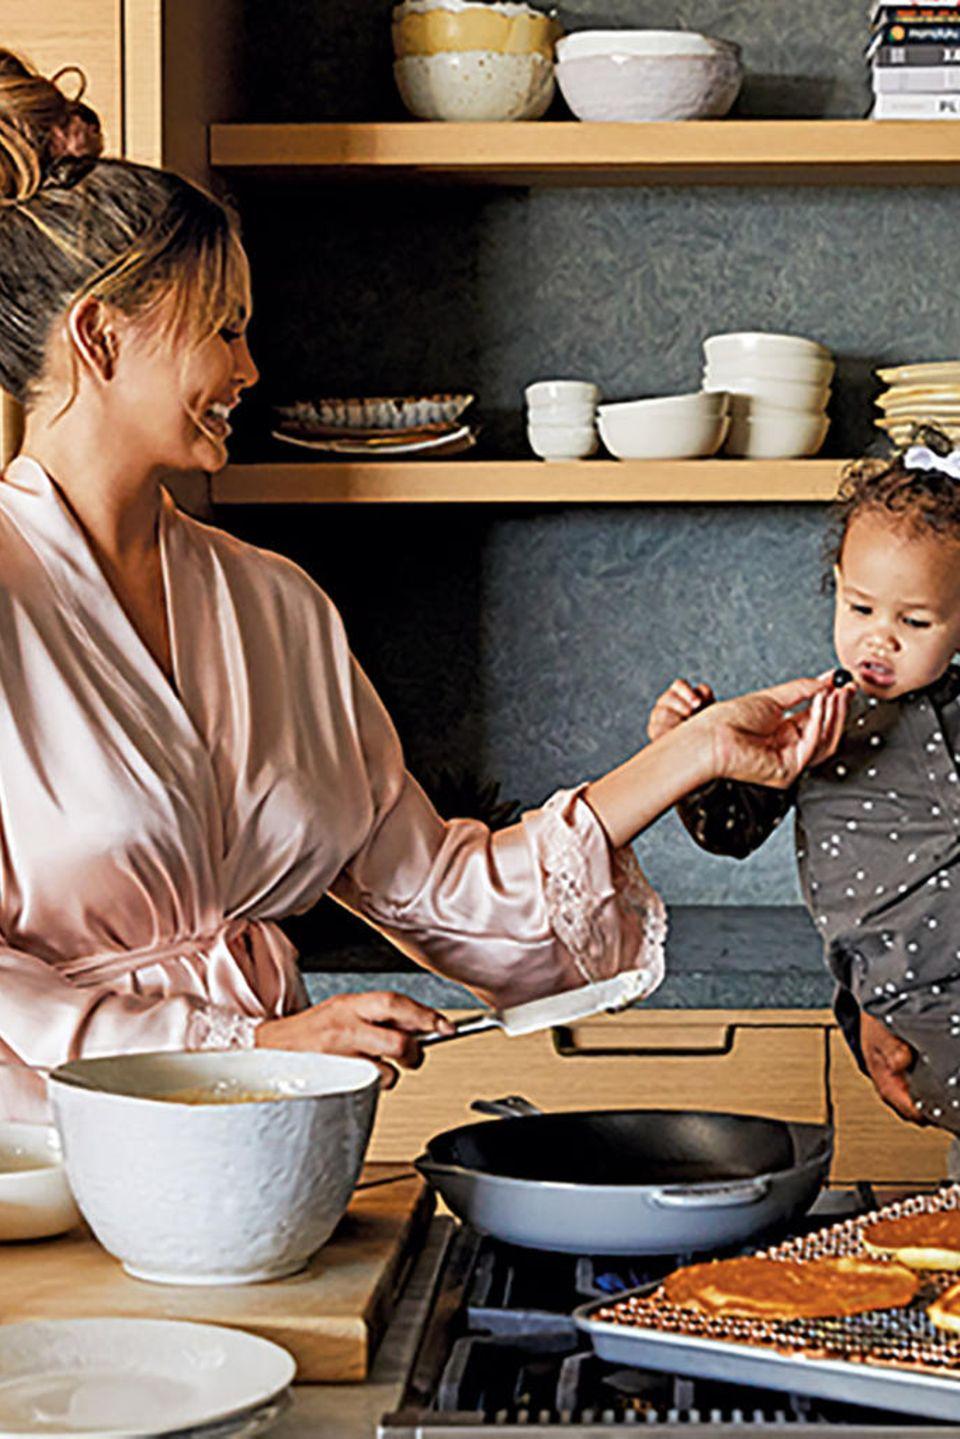 Mmmmhhh – lecker! Töchterchen Luna scheint zu schmecken, was Mama Chrissy Teigen auftischt. Kein Wunder: Die Frau von John Legend ist eine leidenschaftliche Köchin und teilt ihre Kreationen nur allzu gerne mit ihren Fans auf Instagram. Und die können sich gleich doppelt freuen, denn Chrissy ist jetzt stolze Besitzerin einer eigene Geschirr- und Kochtopf-Kollektion!